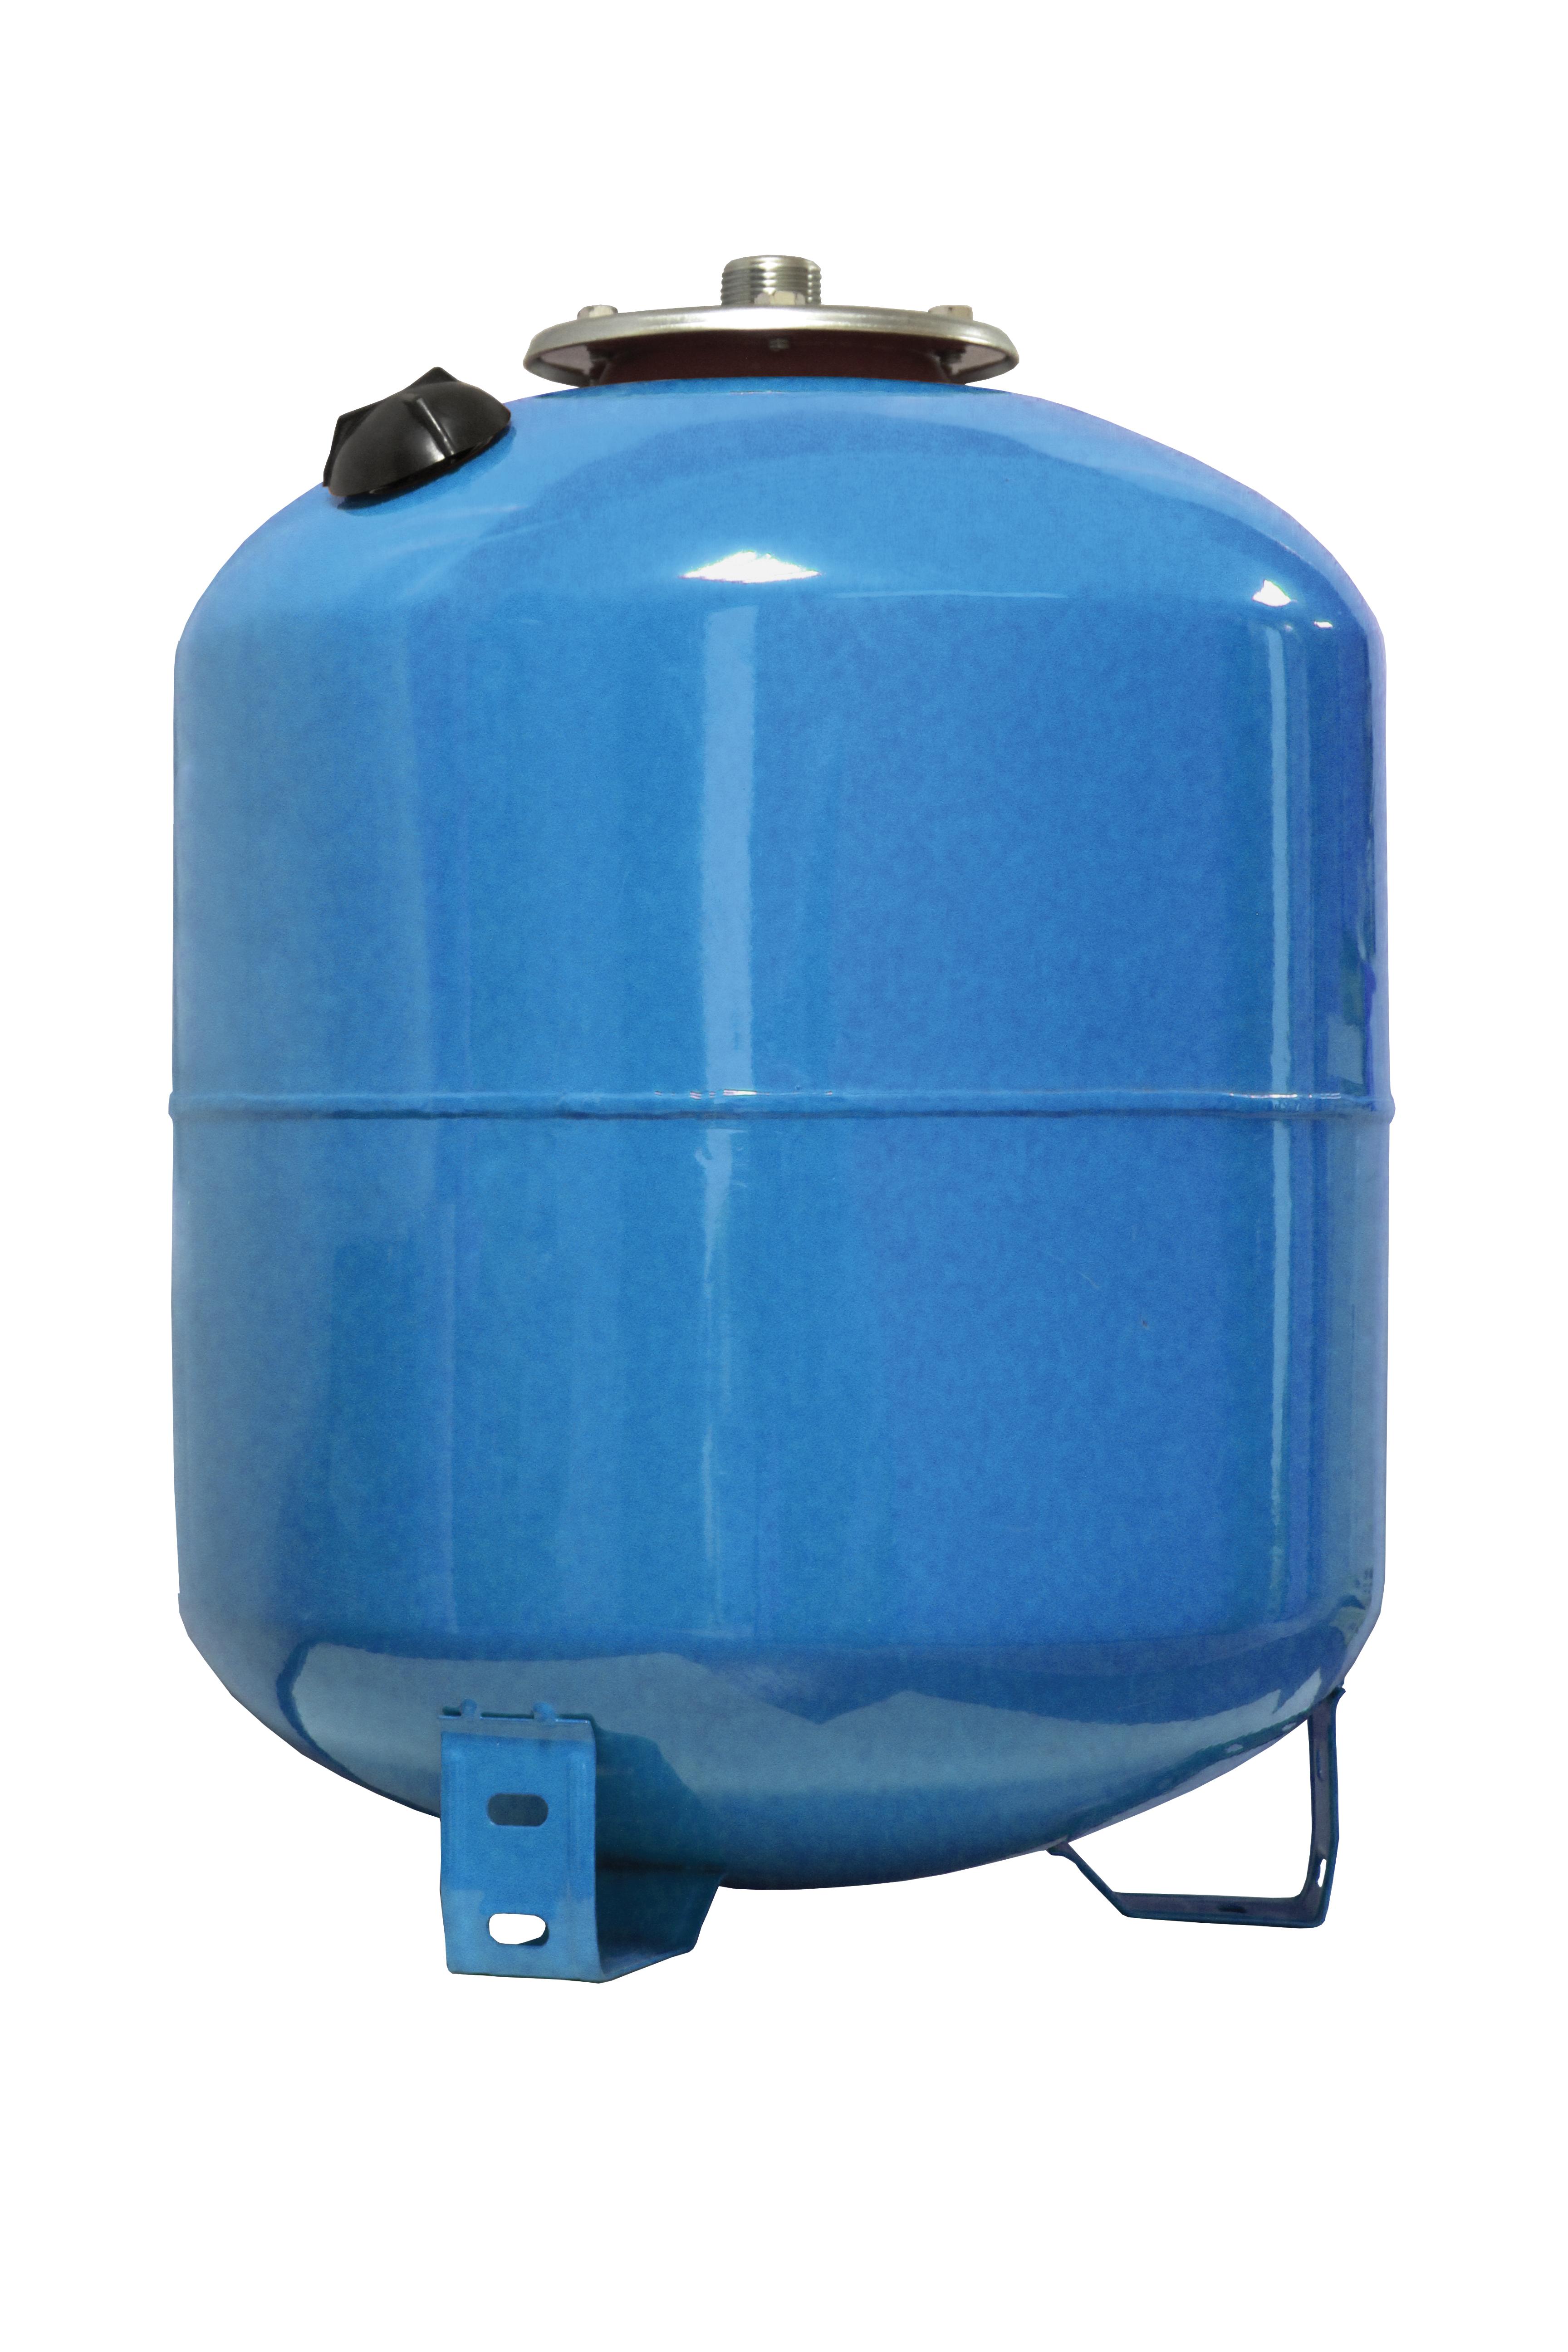 Гидроаккумулятор Unipump 50v фланец-нерж.Сталь